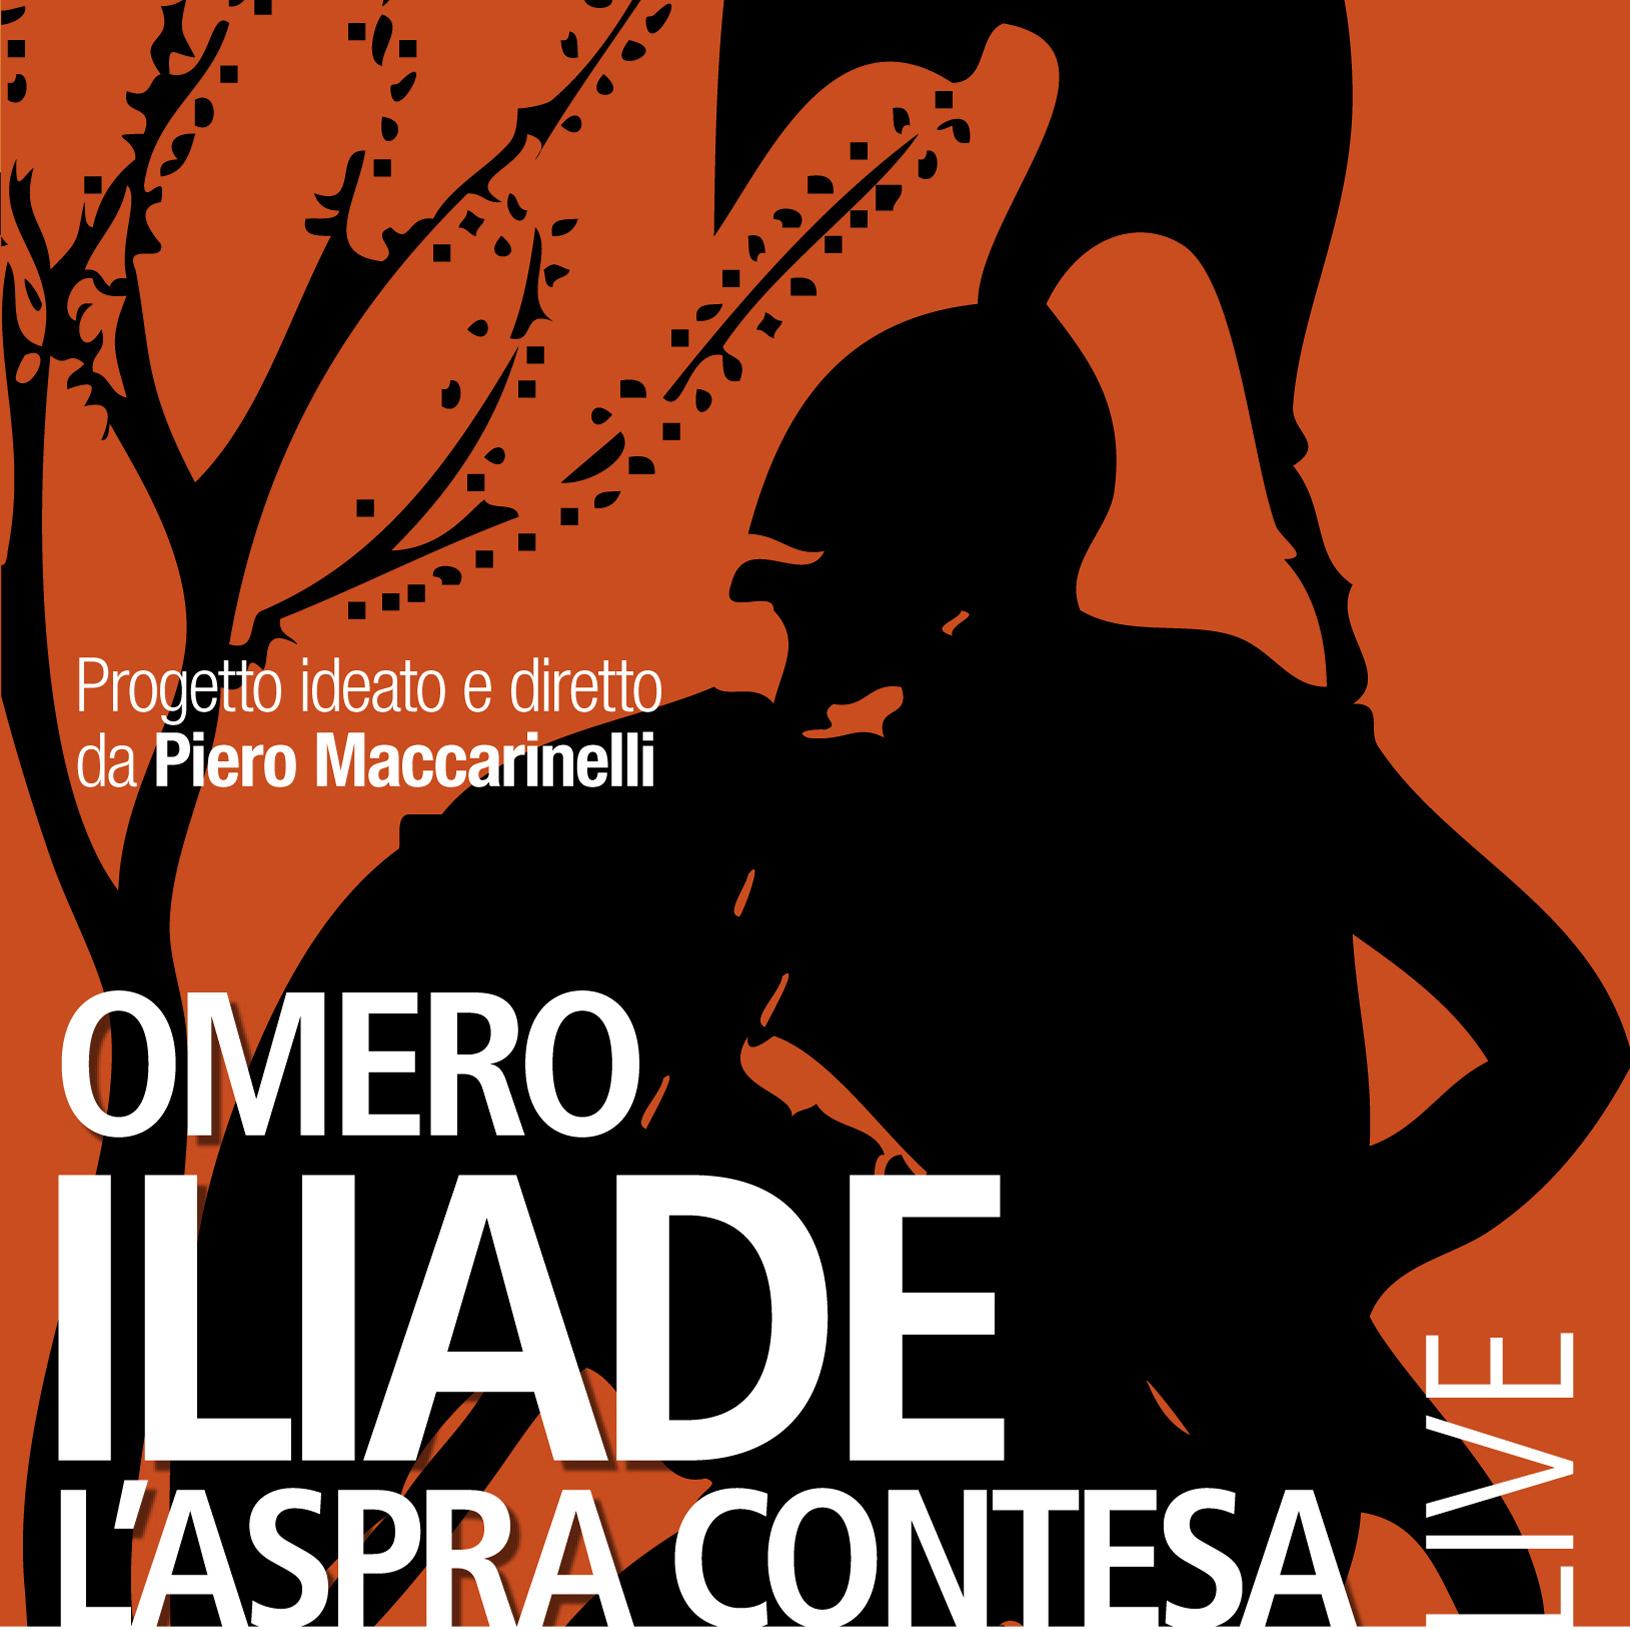 Iliade.-0